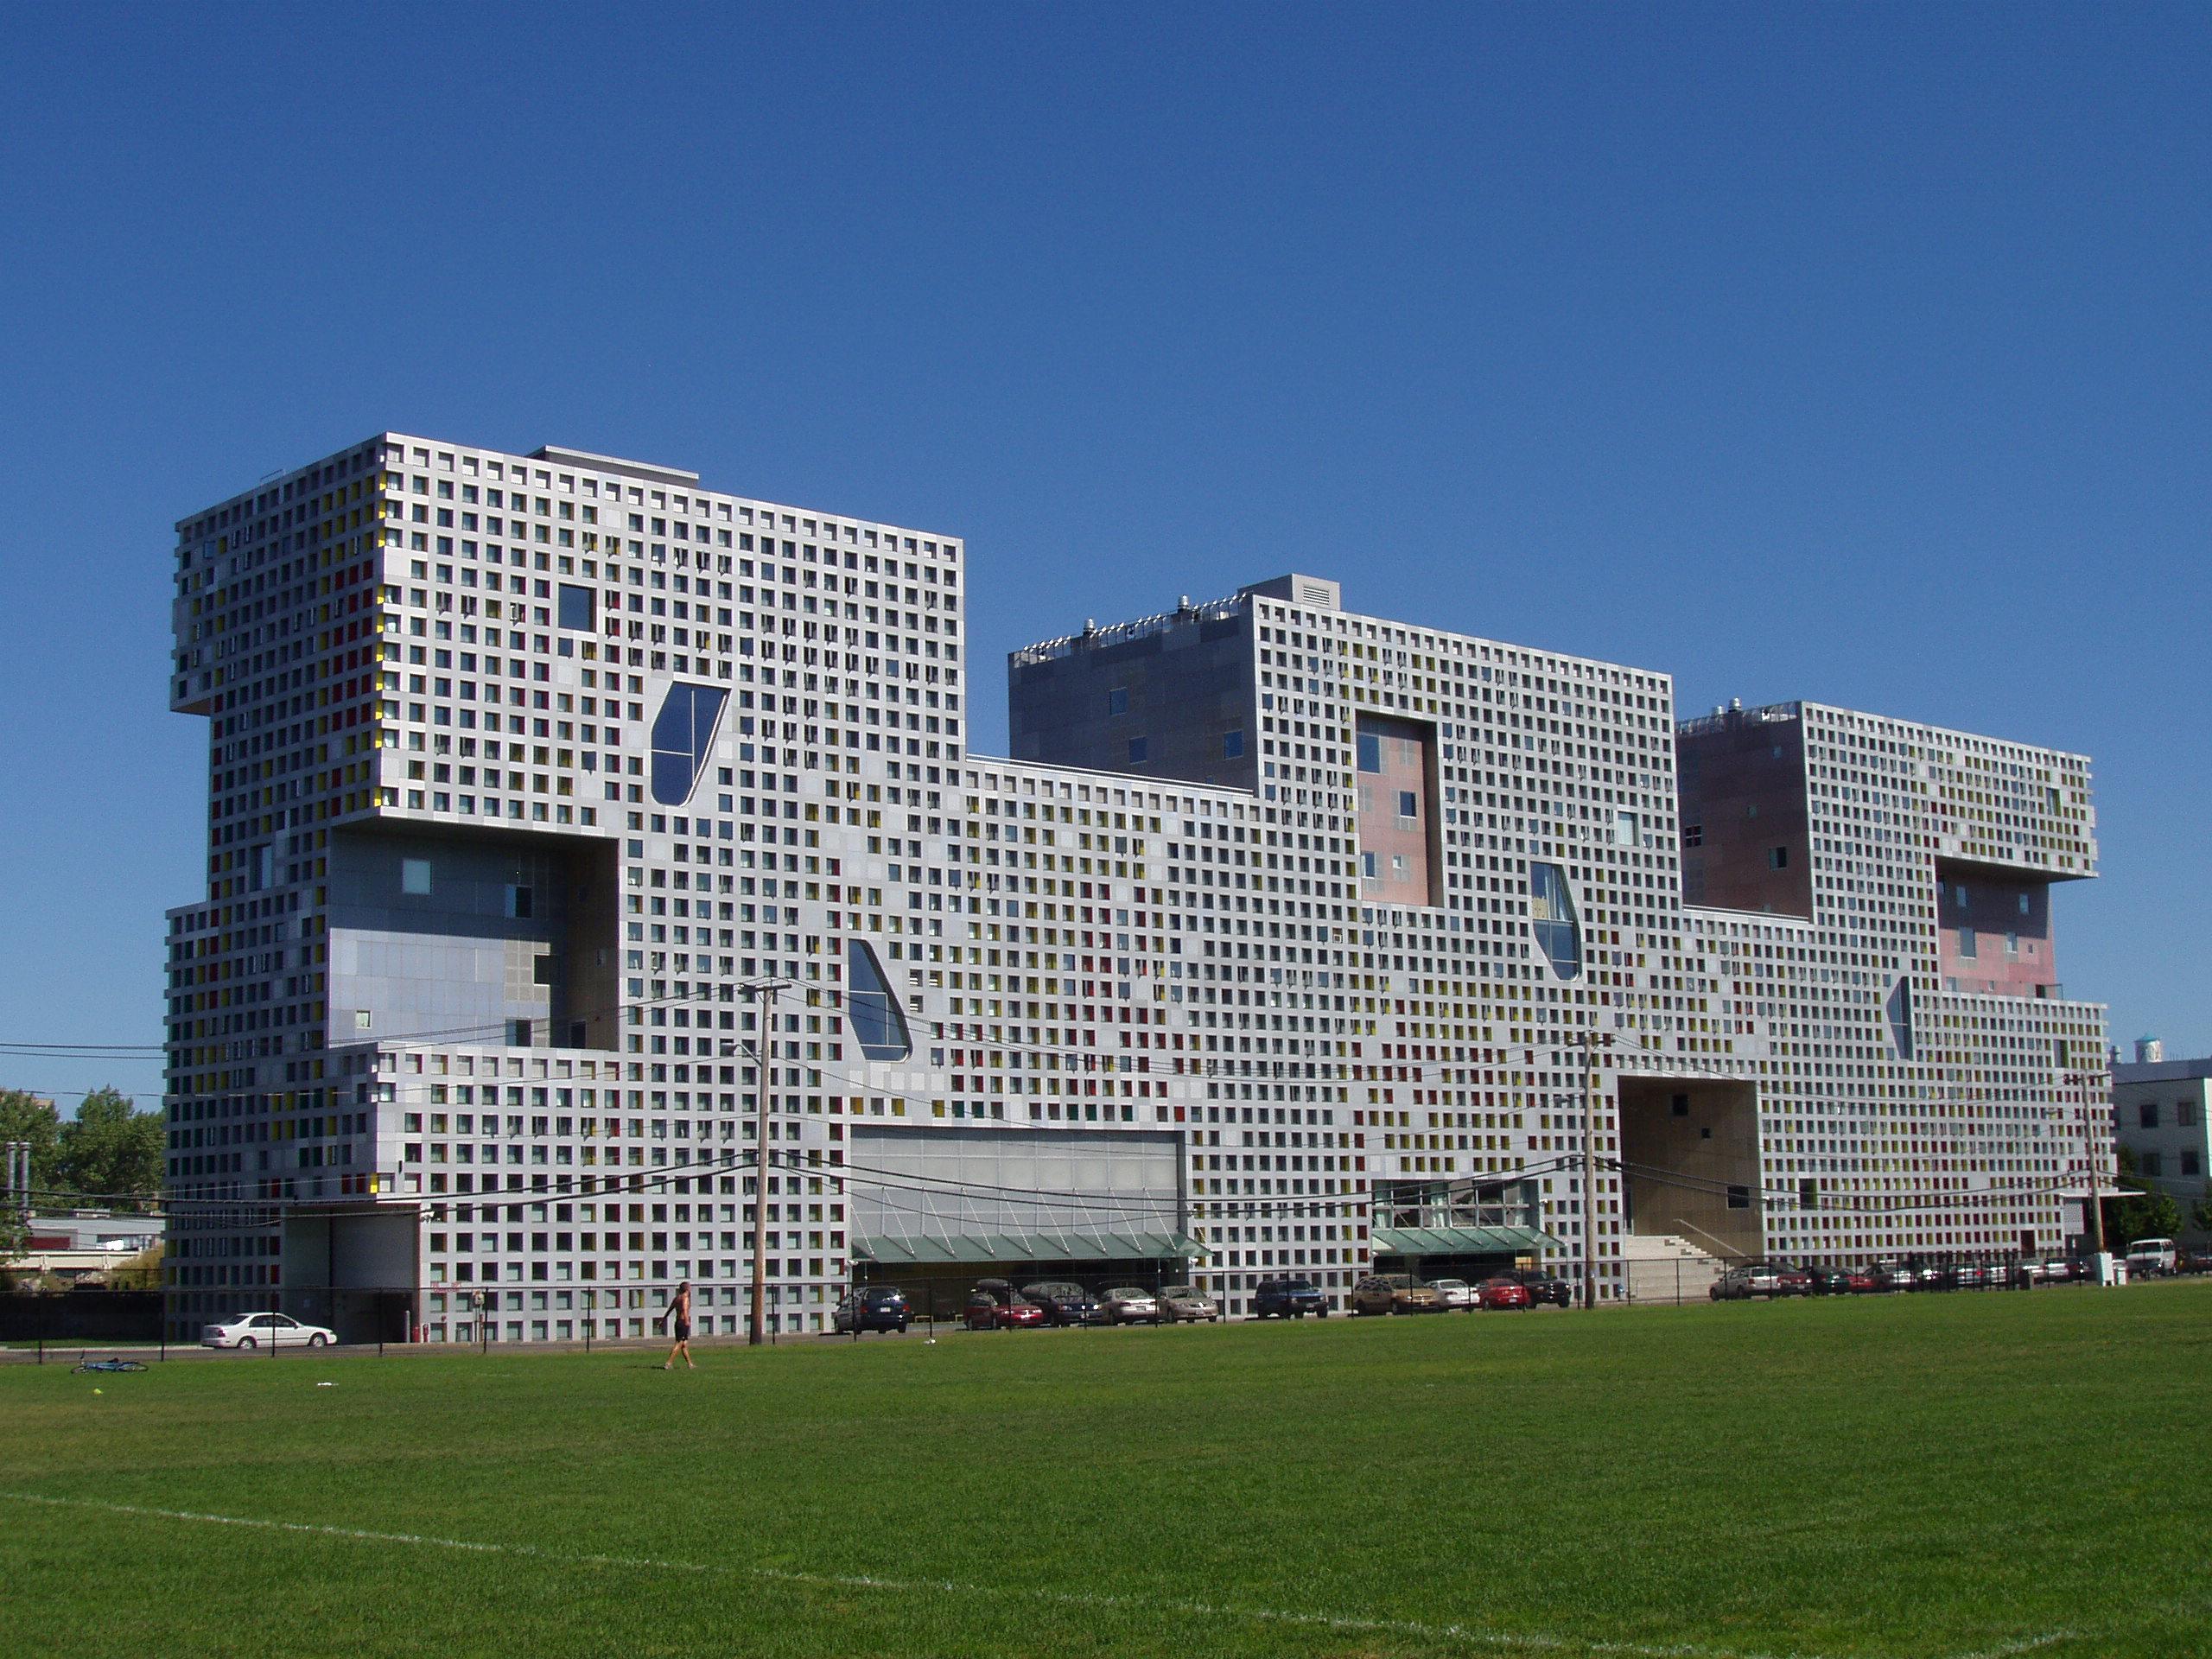 kaist modern architecture